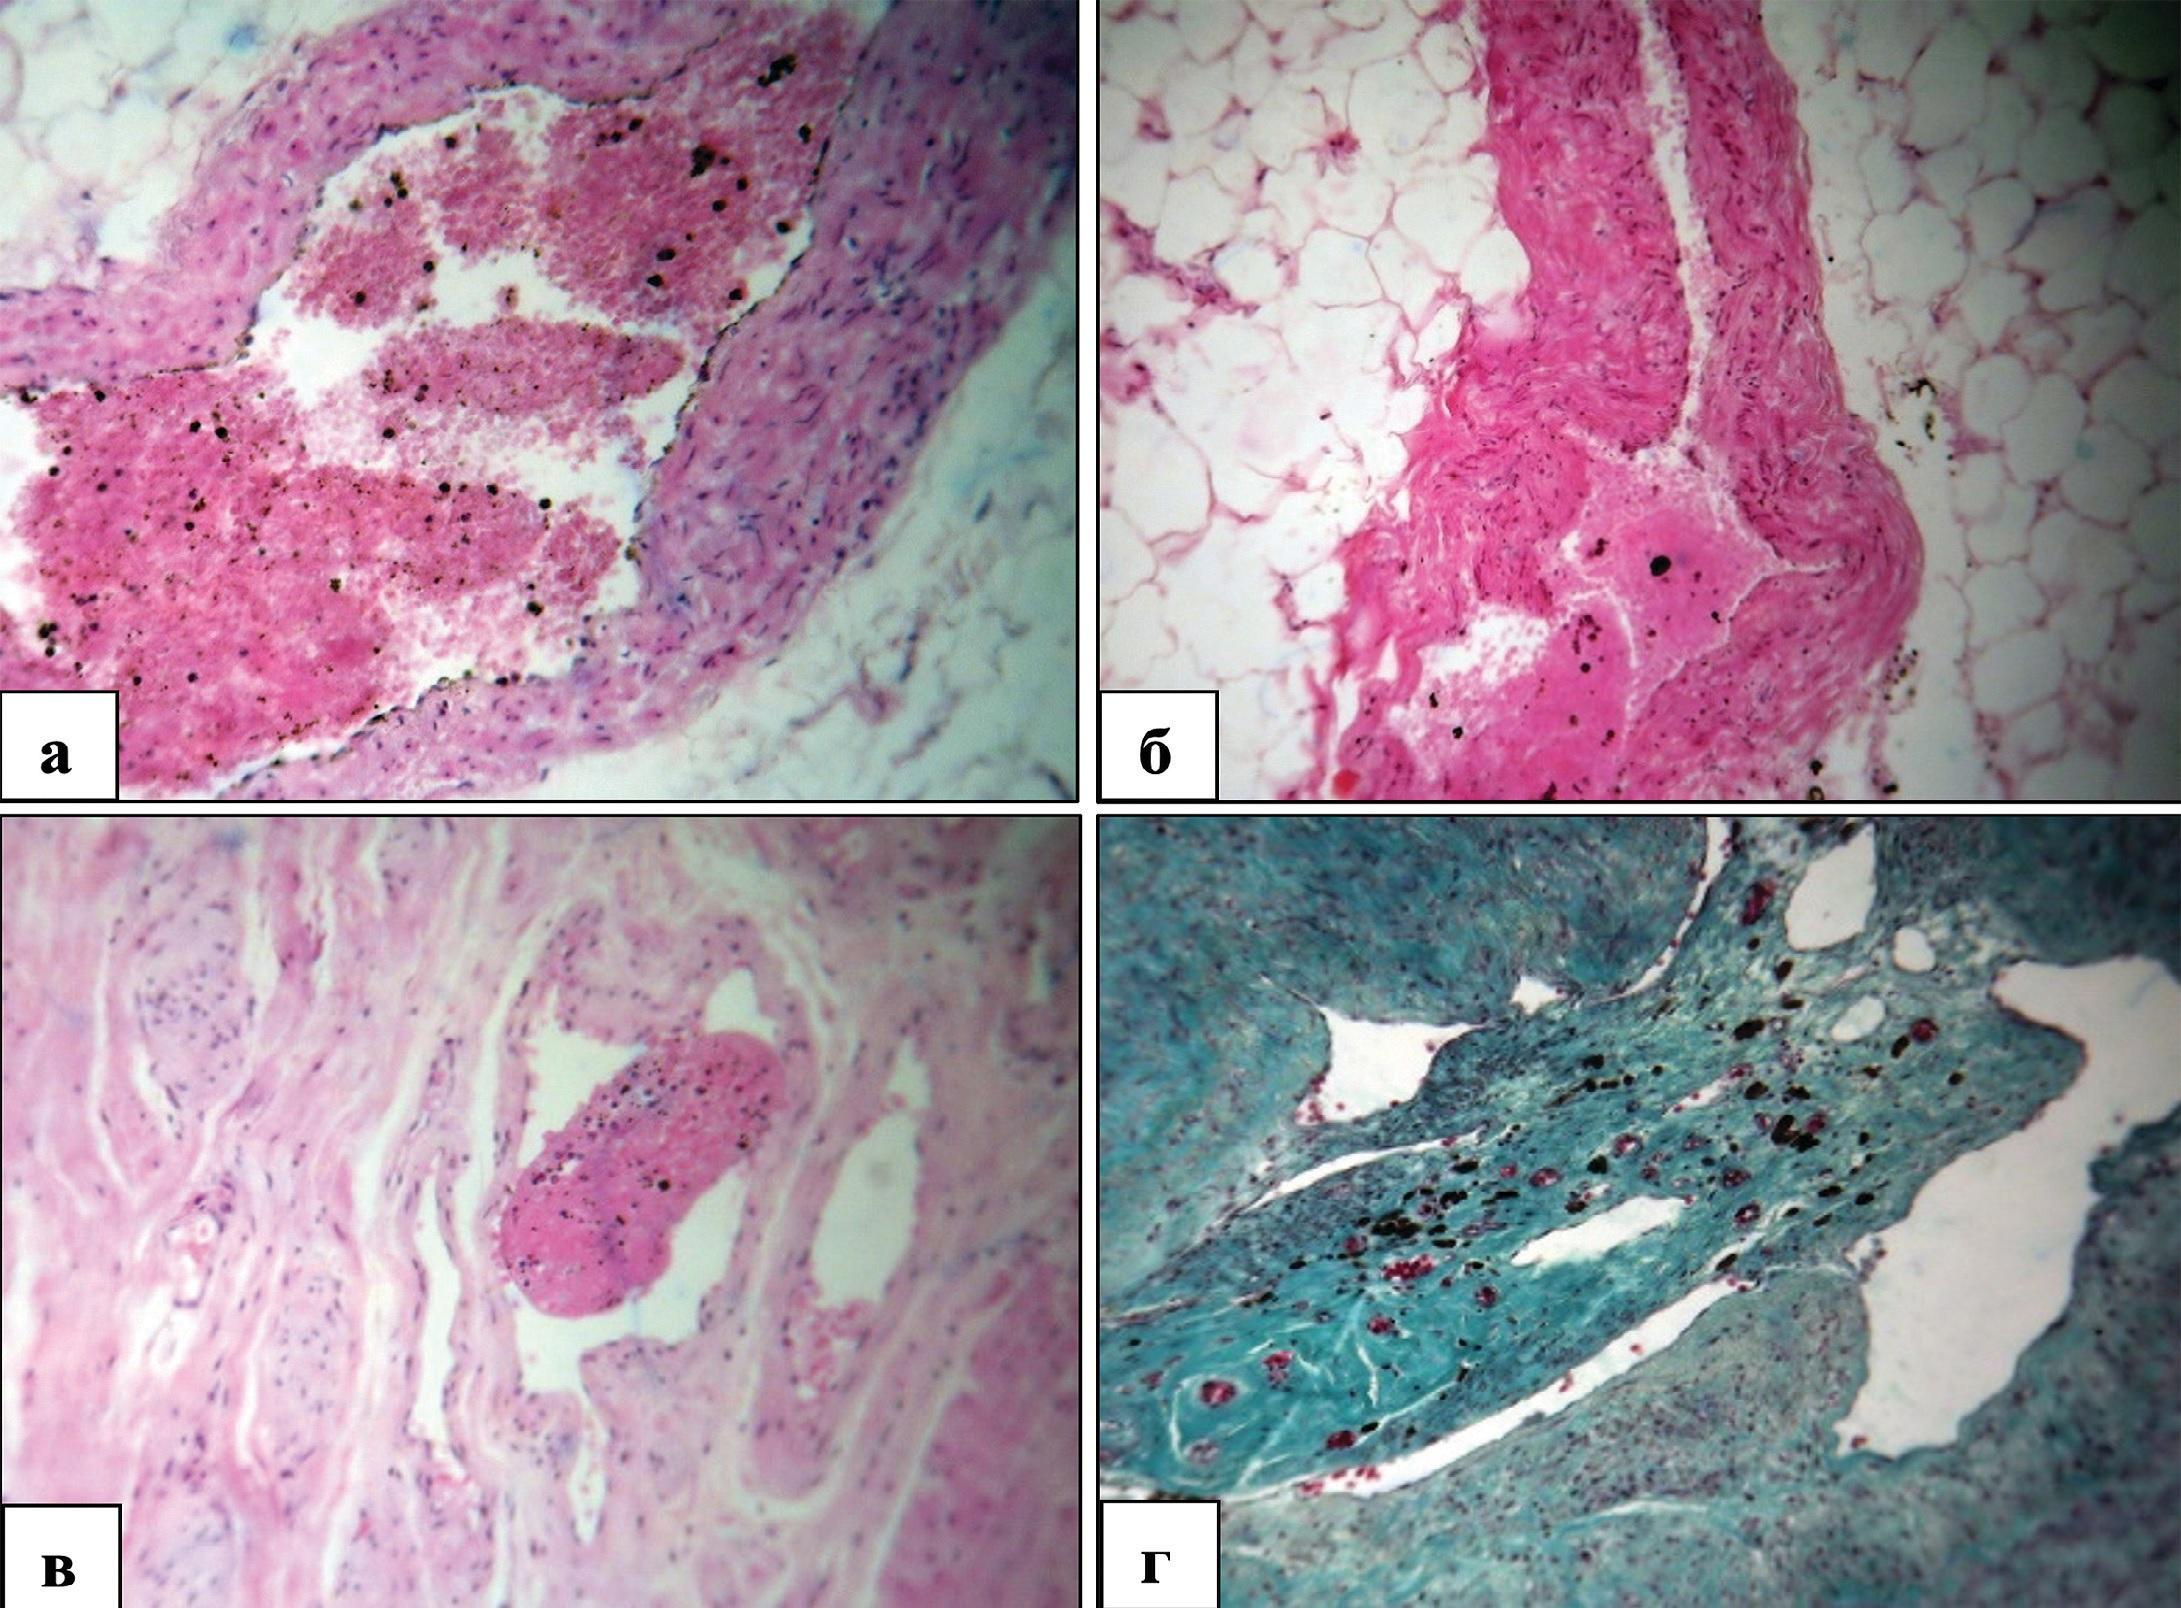 Структурные изменения внеорганных и внутриорганных вен мочевого пузыря у мужчин пожилого и старческого возраста при декомпенсированной ГП. Окраска гематоксилином и эозином (а, б, в) и по Массону